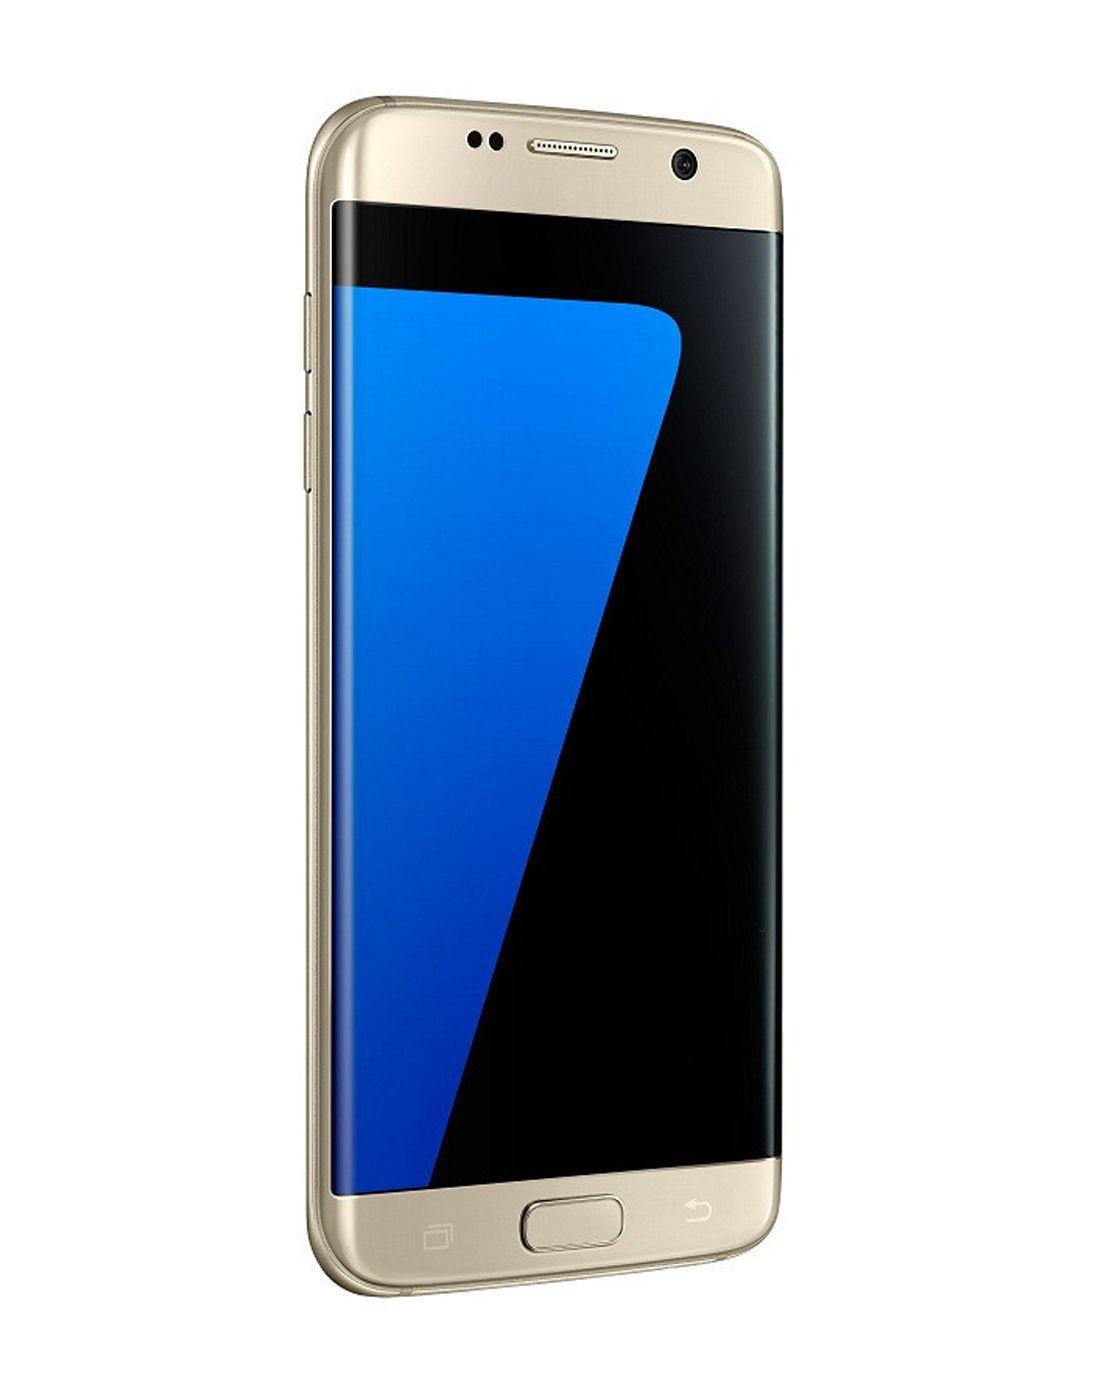 星samsung数码专场GALAXY S7 Edge 64G卡